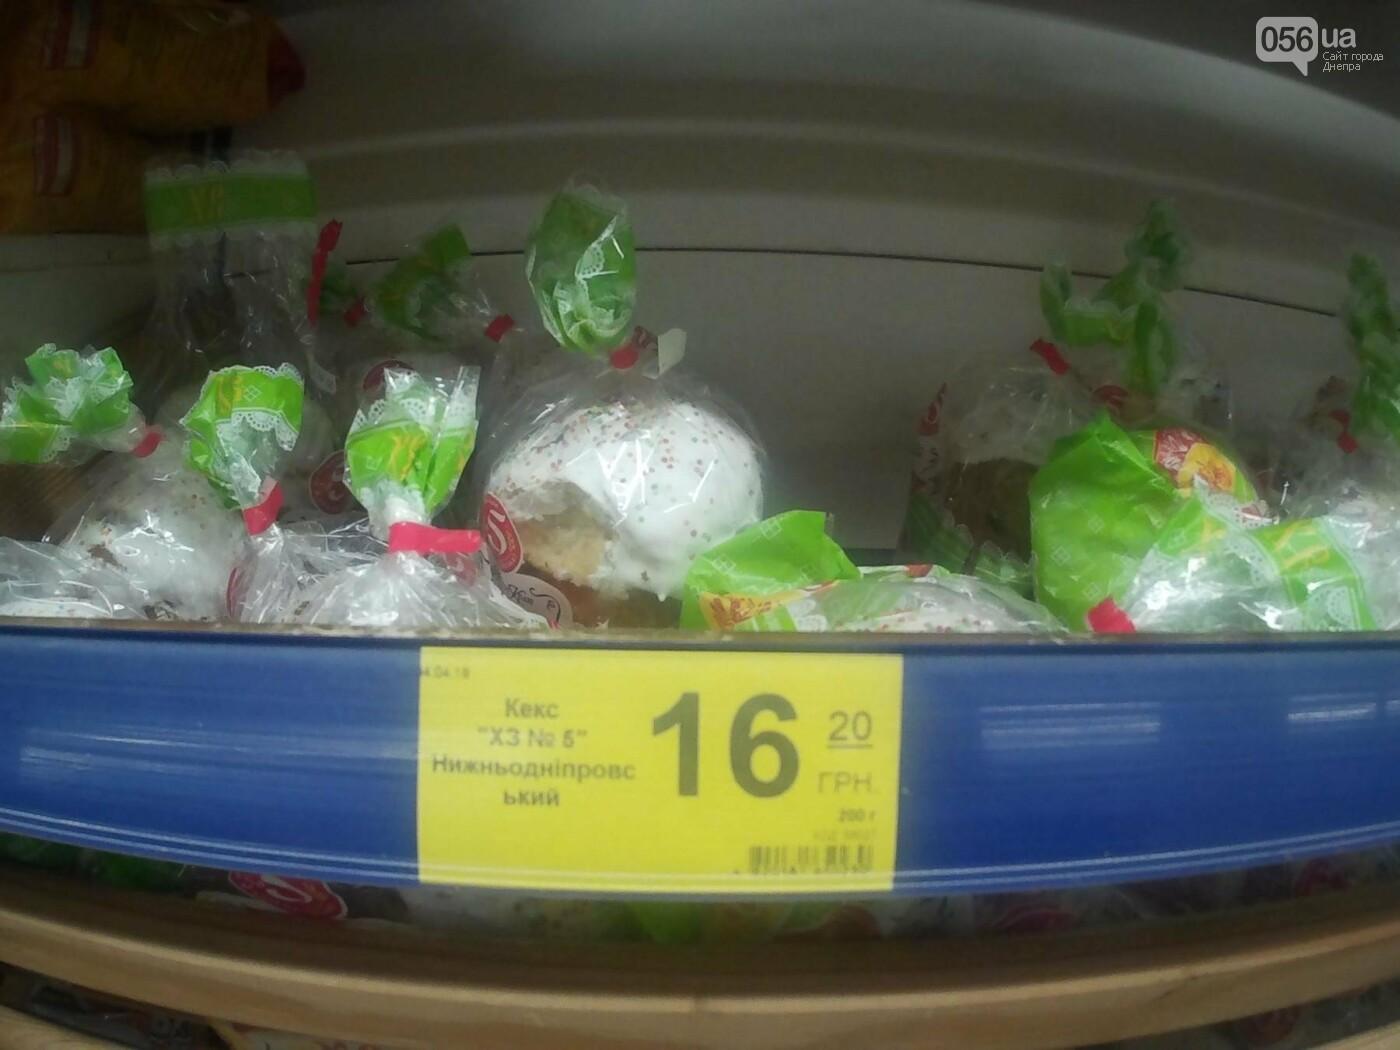 Сколько стоят паски в Днепре: обзор цен (ФОТО), фото-6